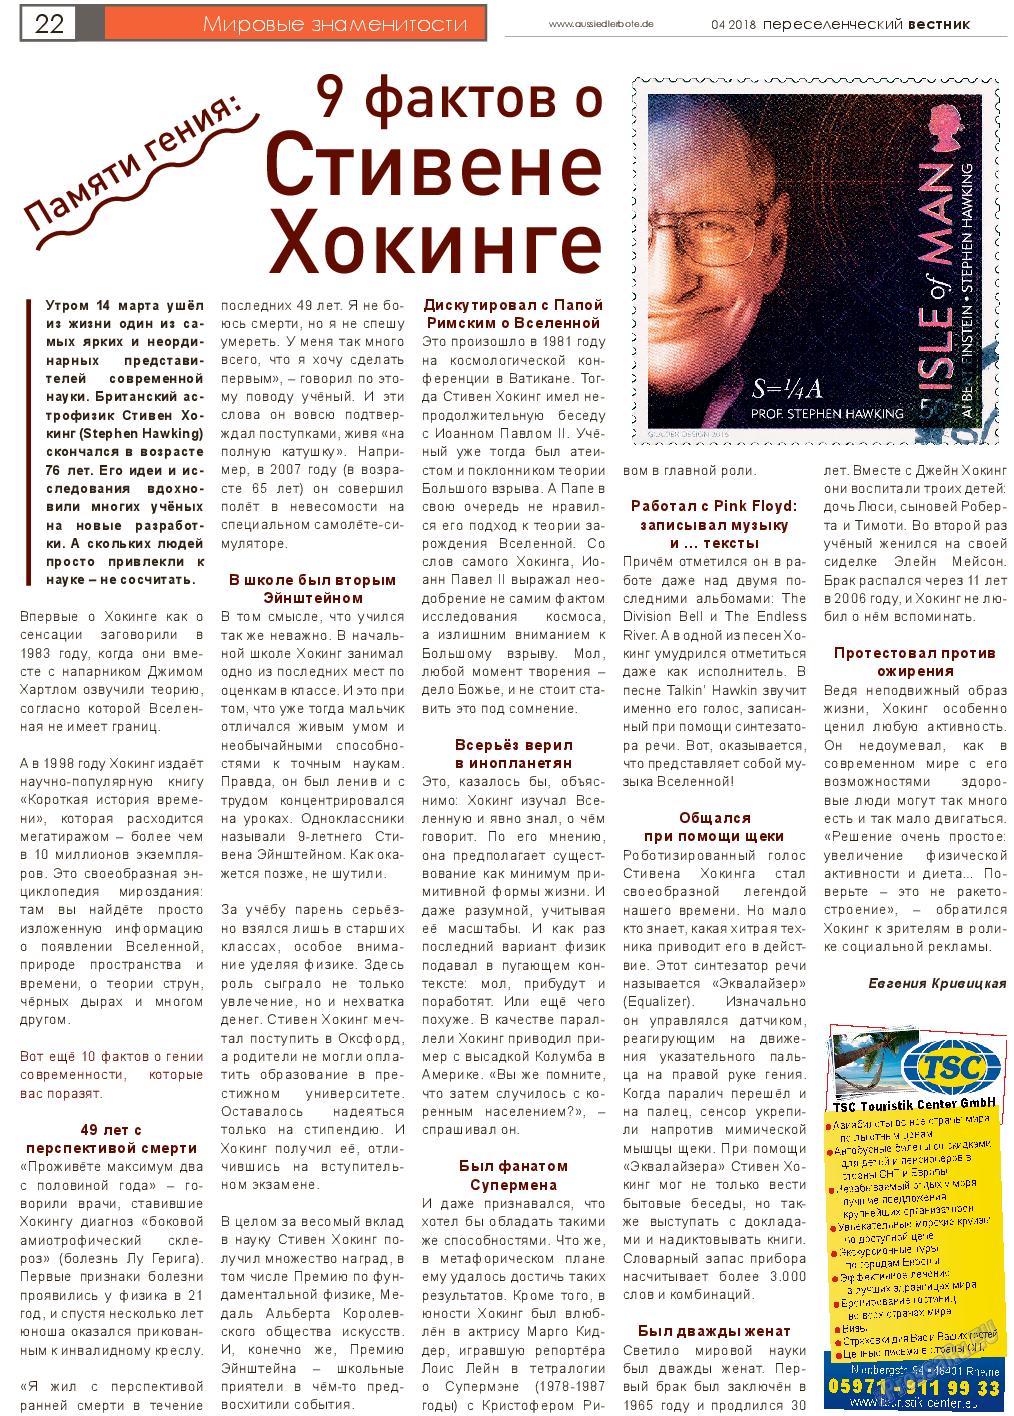 Переселенческий вестник (газета). 2018 год, номер 4, стр. 22